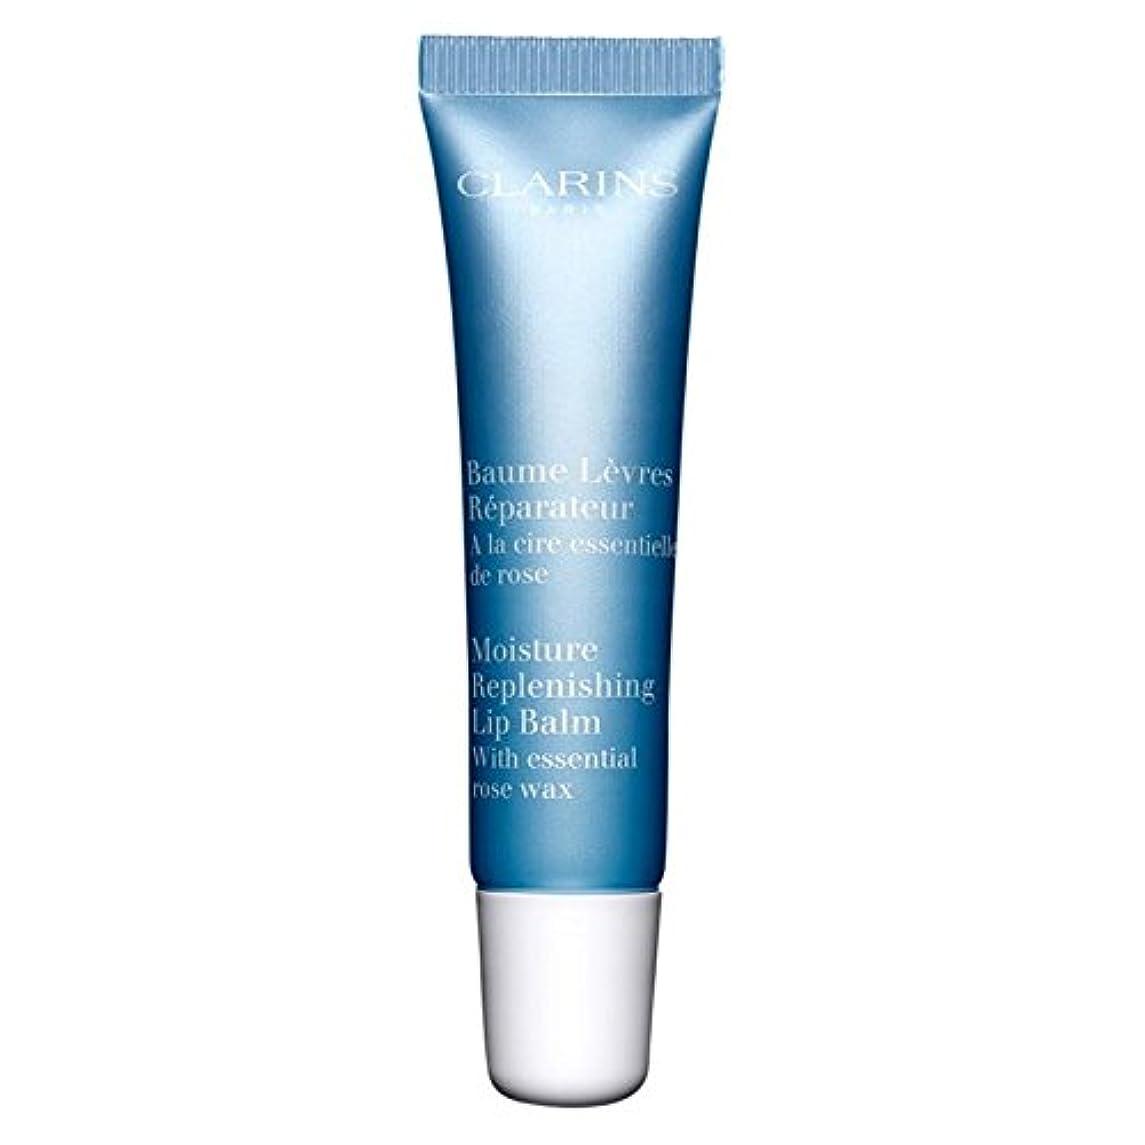 Clarins Moisture Replenishing Lip Balm 15ml - Pack of 6